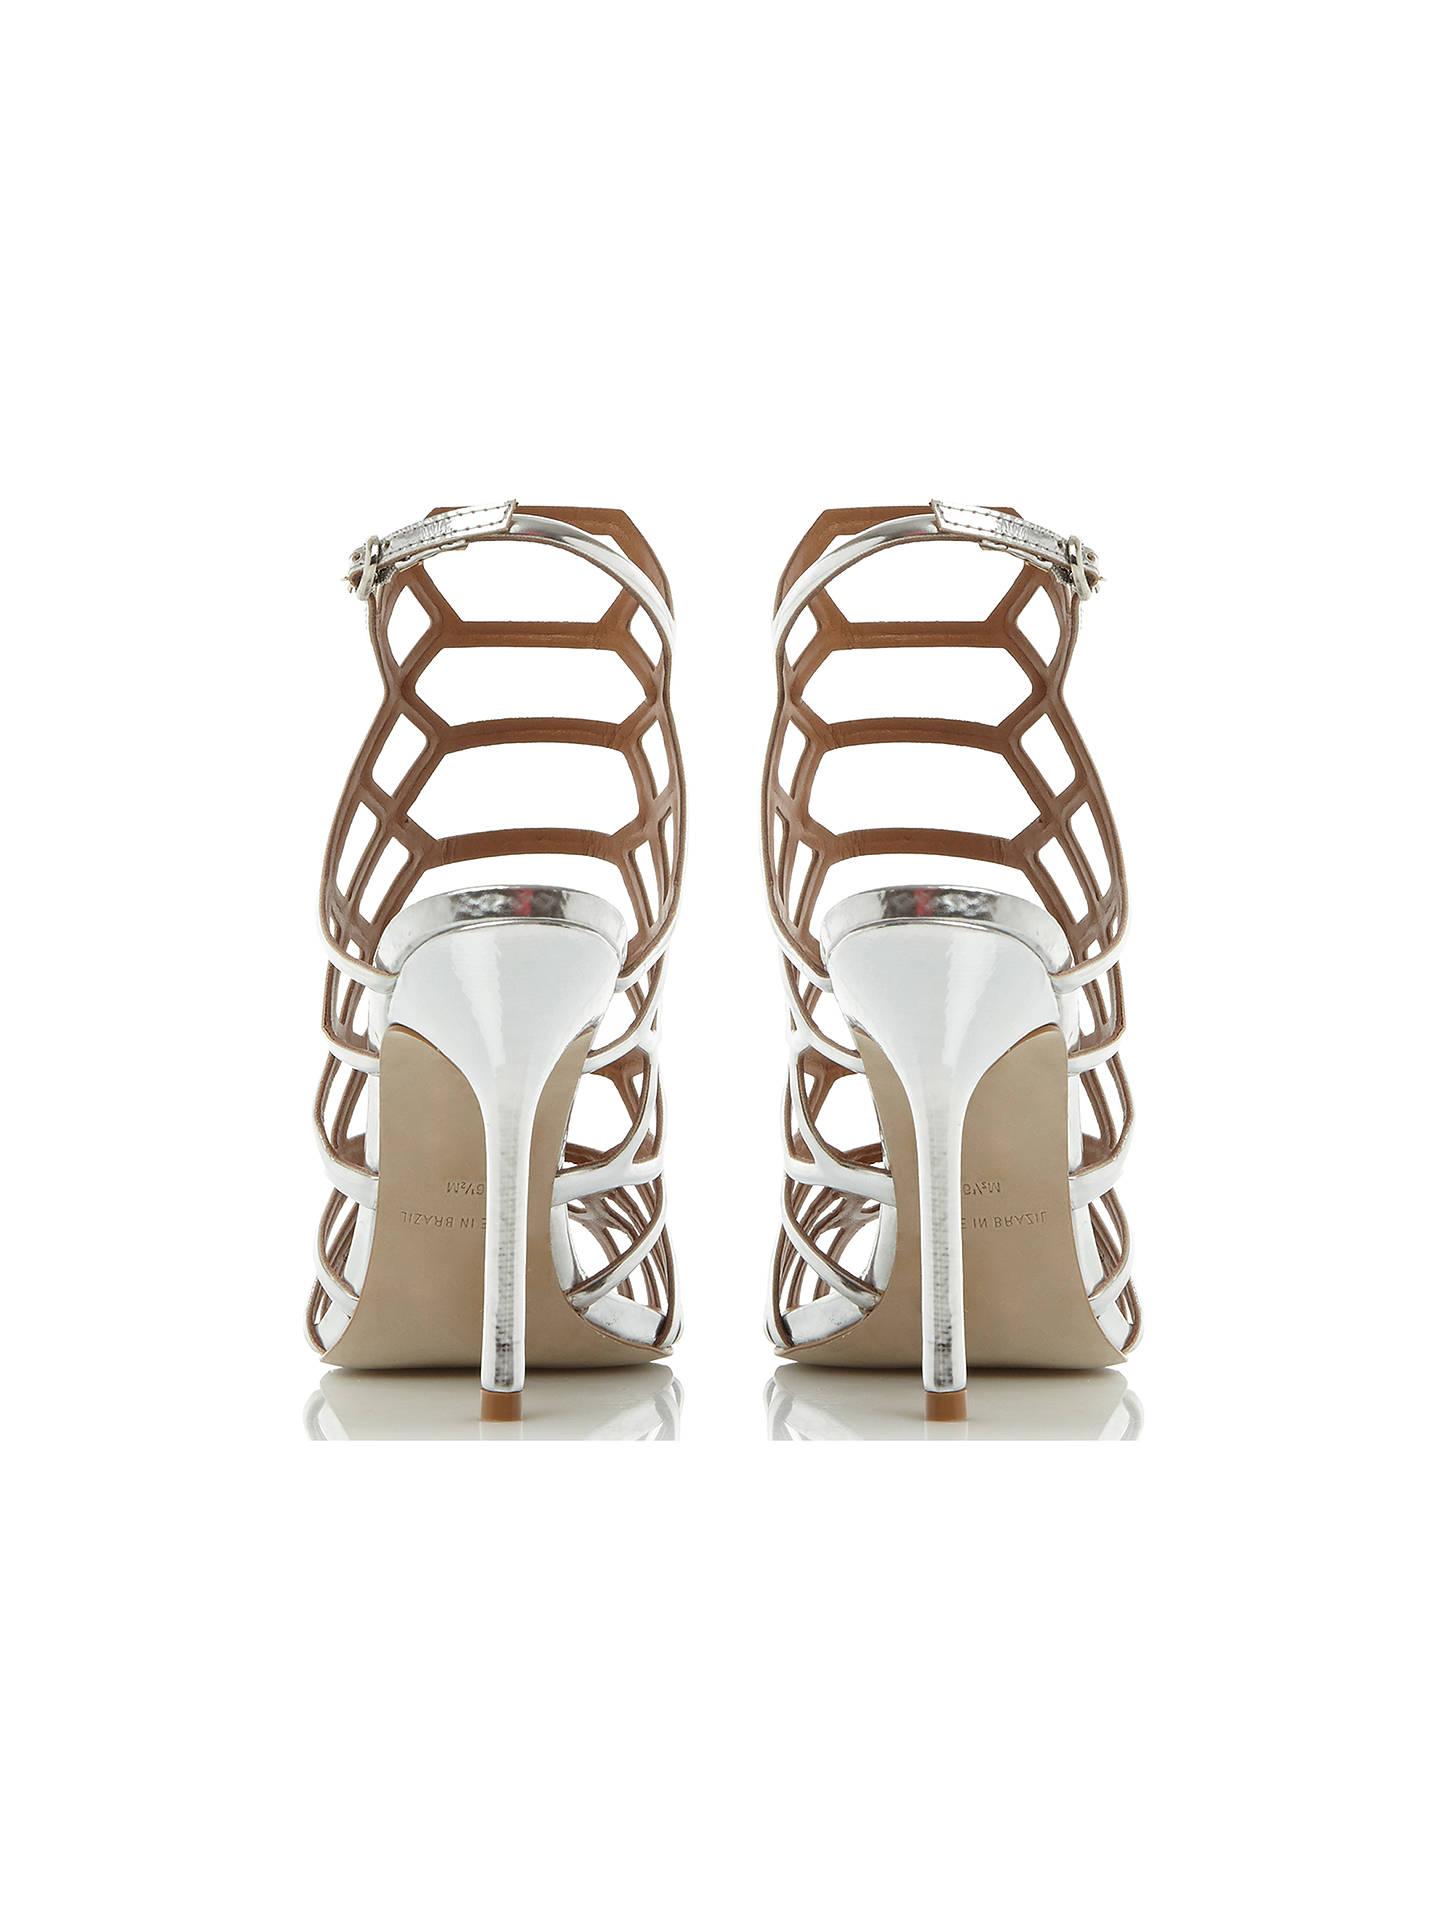 4c3b4949270 Steve Madden Slithur High Heeled Cage Sandals at John Lewis   Partners